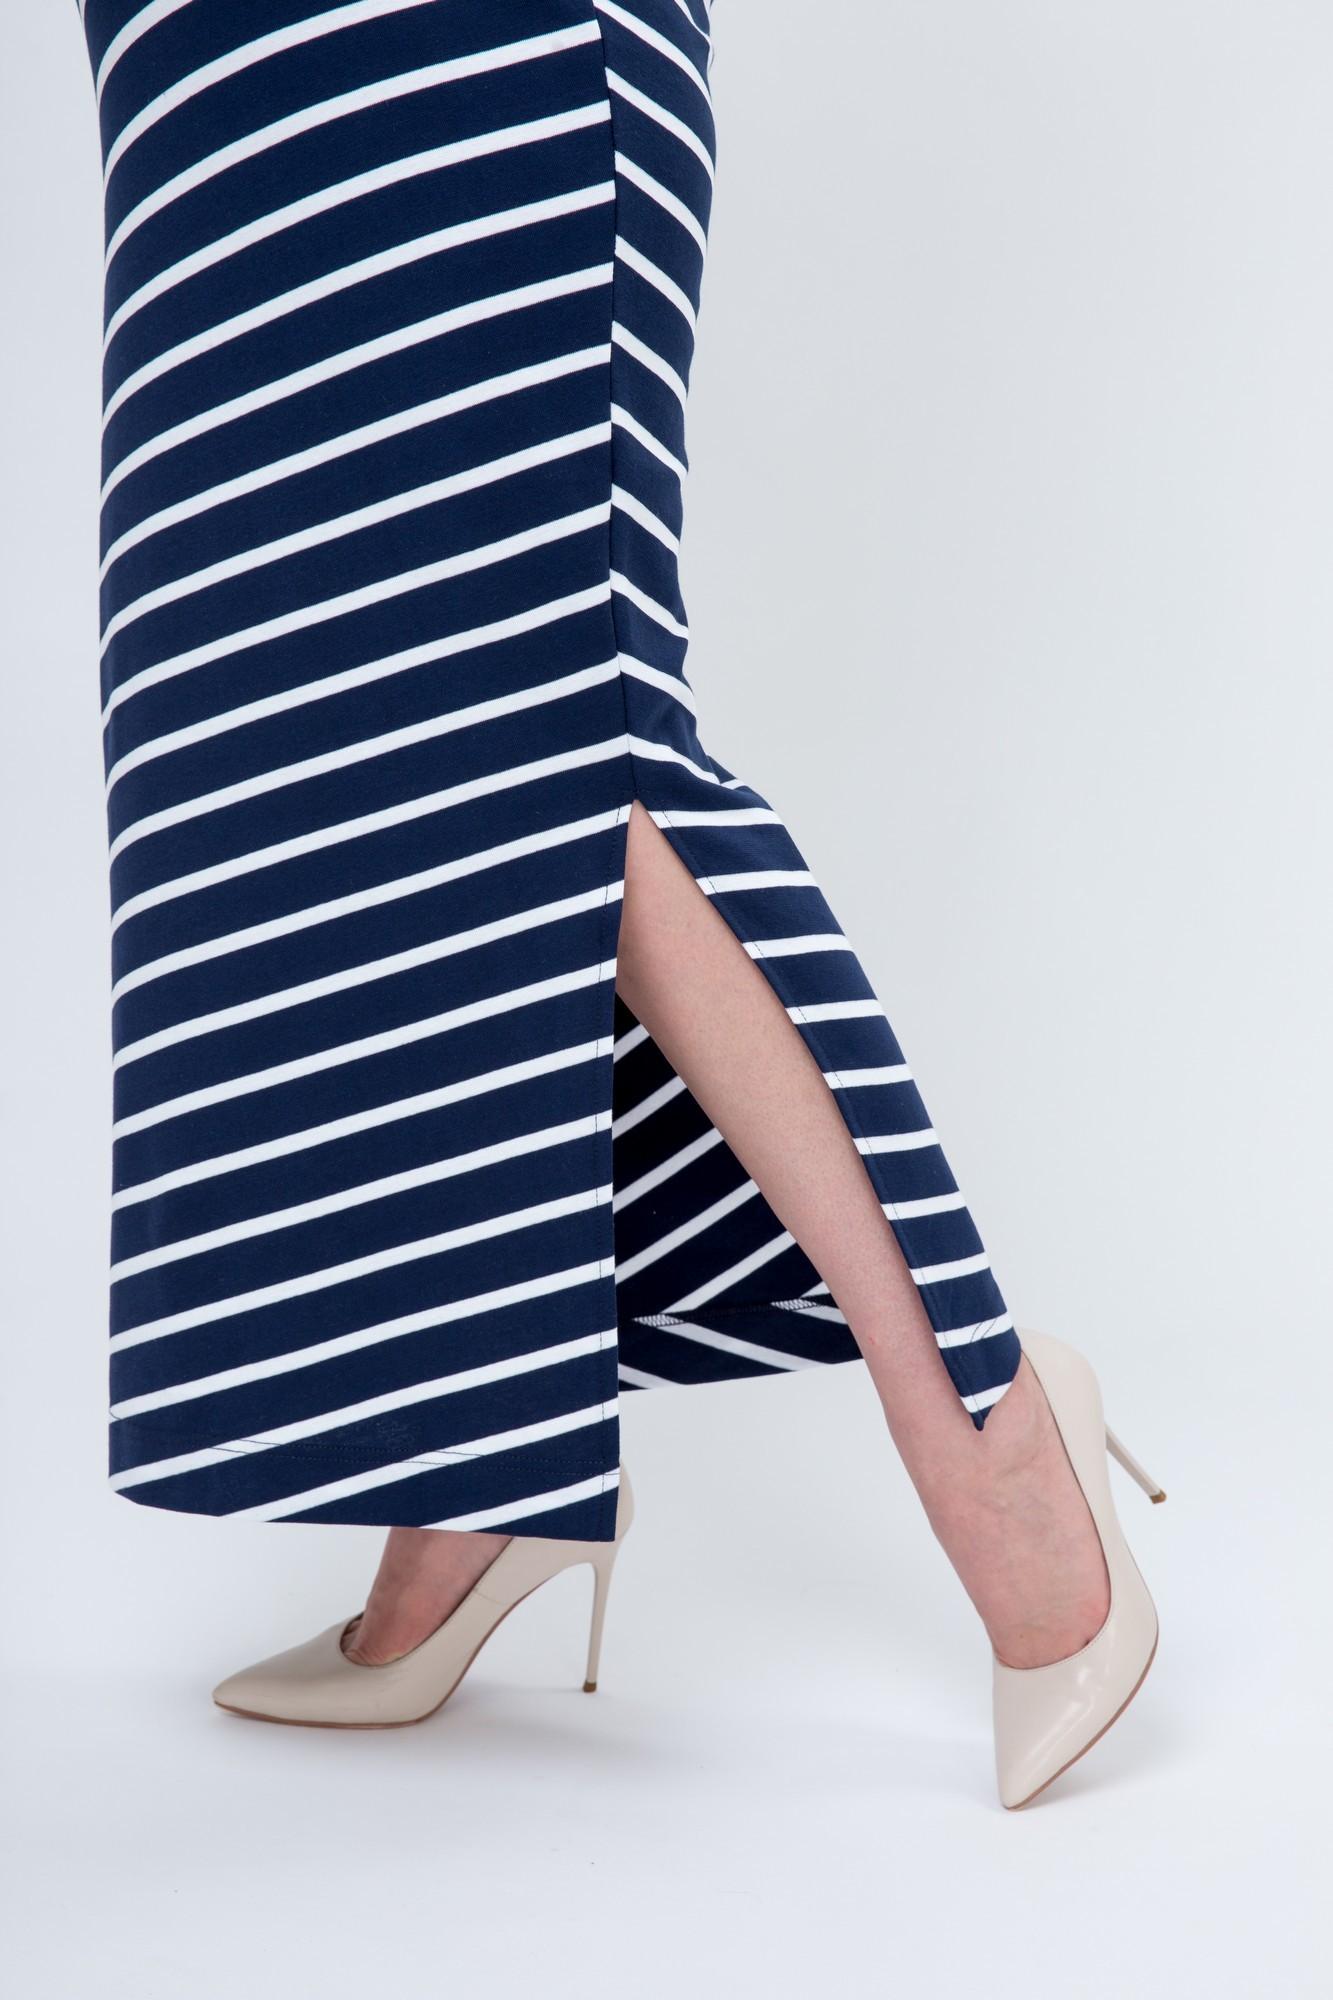 Фото платье для беременных и кормящих Magica bellezza, длинное от магазина СкороМама, синий, размеры.